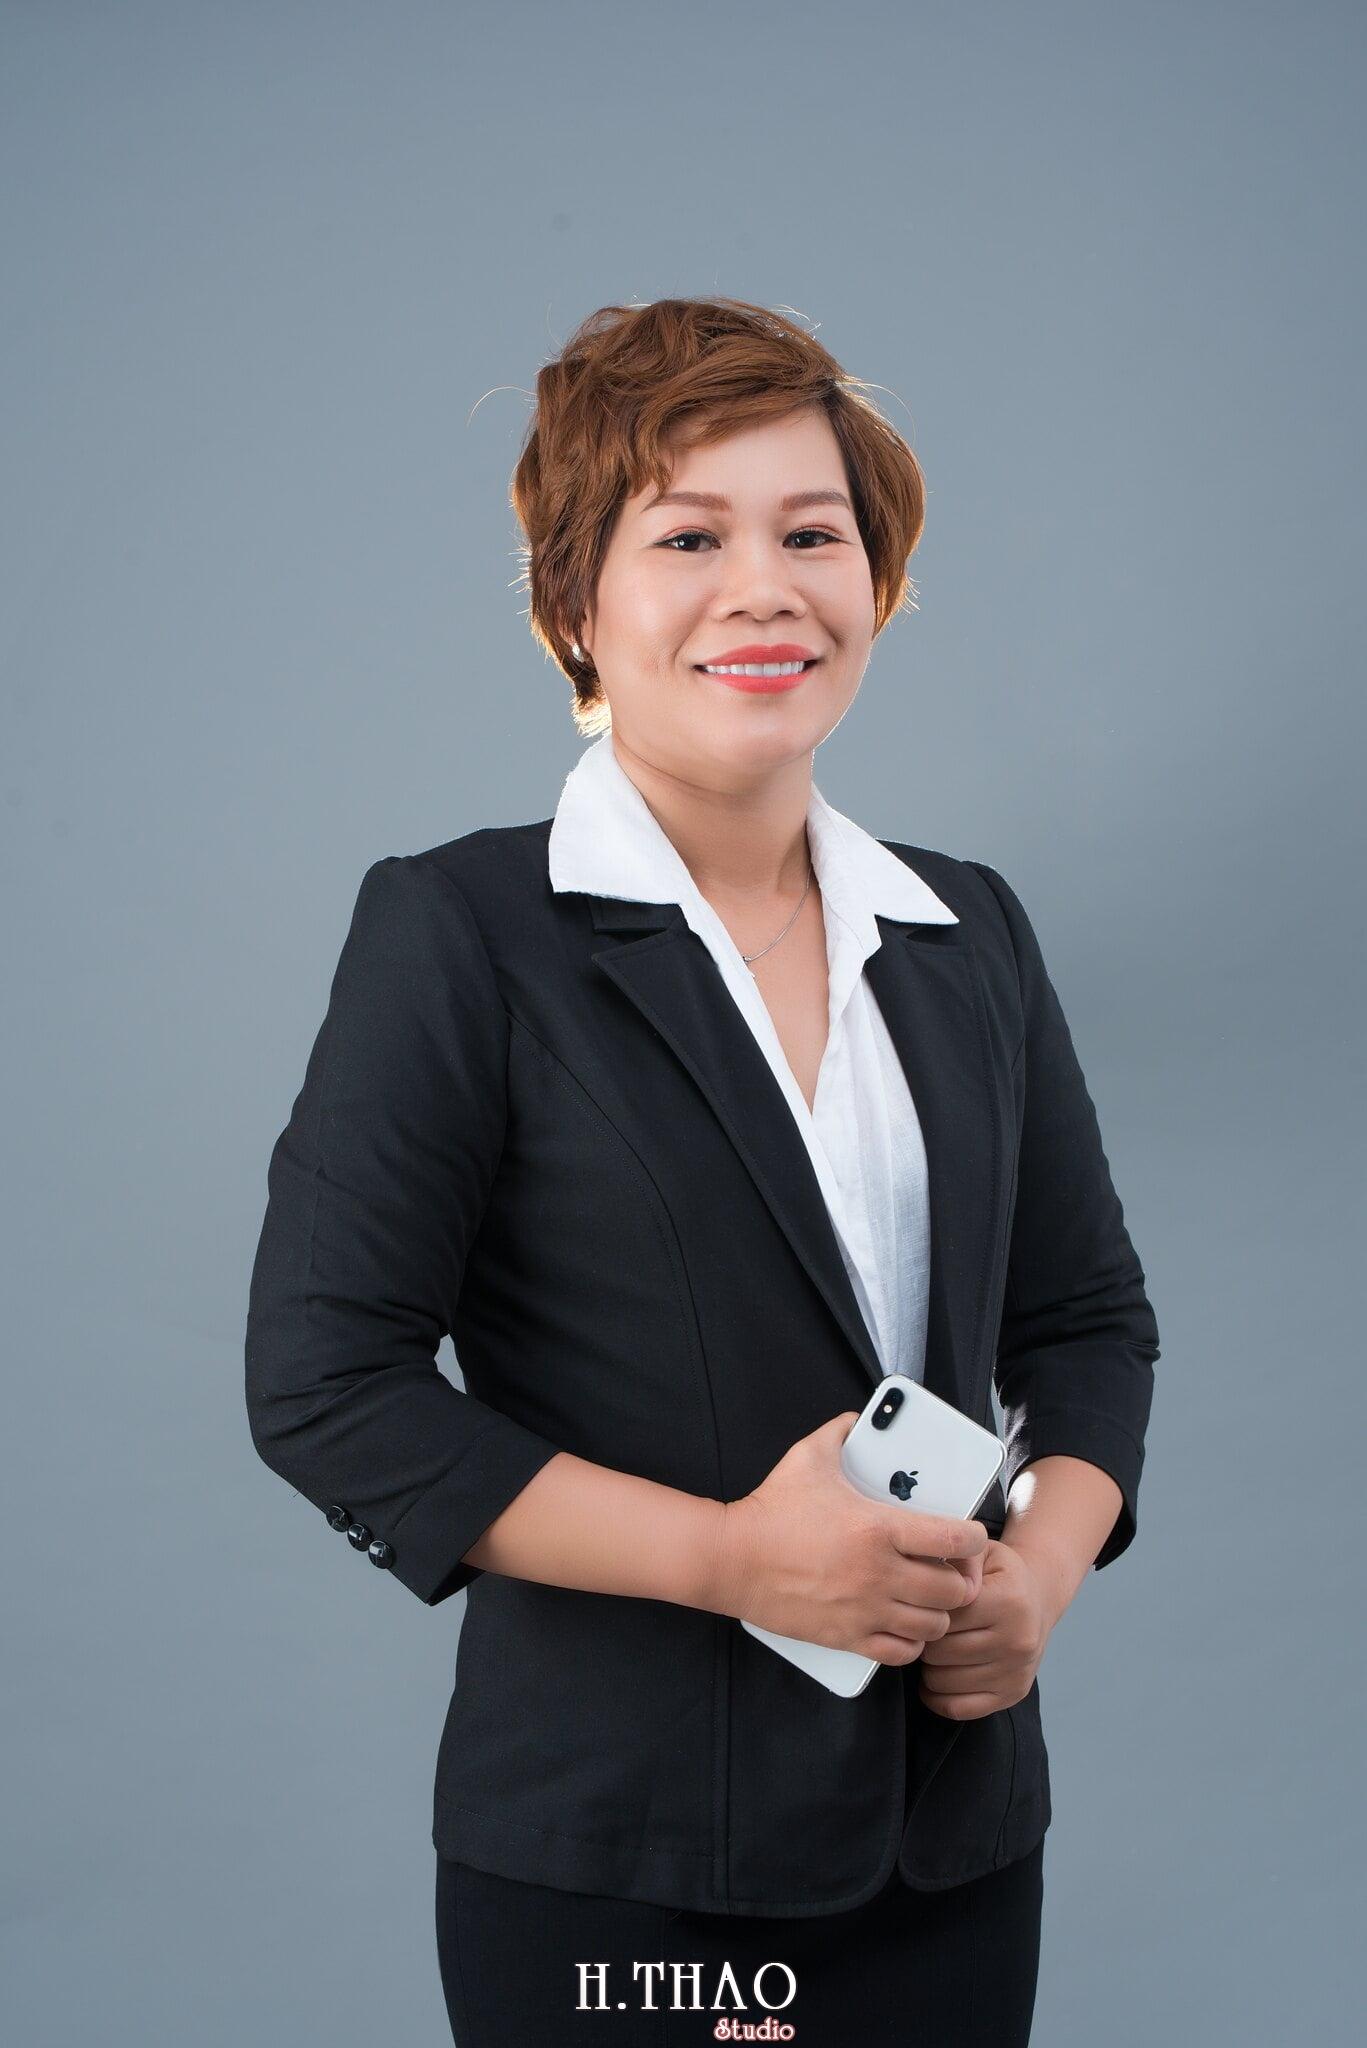 cong ty manulife 10 min - Studio chụp ảnh profile cá nhân chuyên nghiệp ở Tp.HCM- HThao Studio